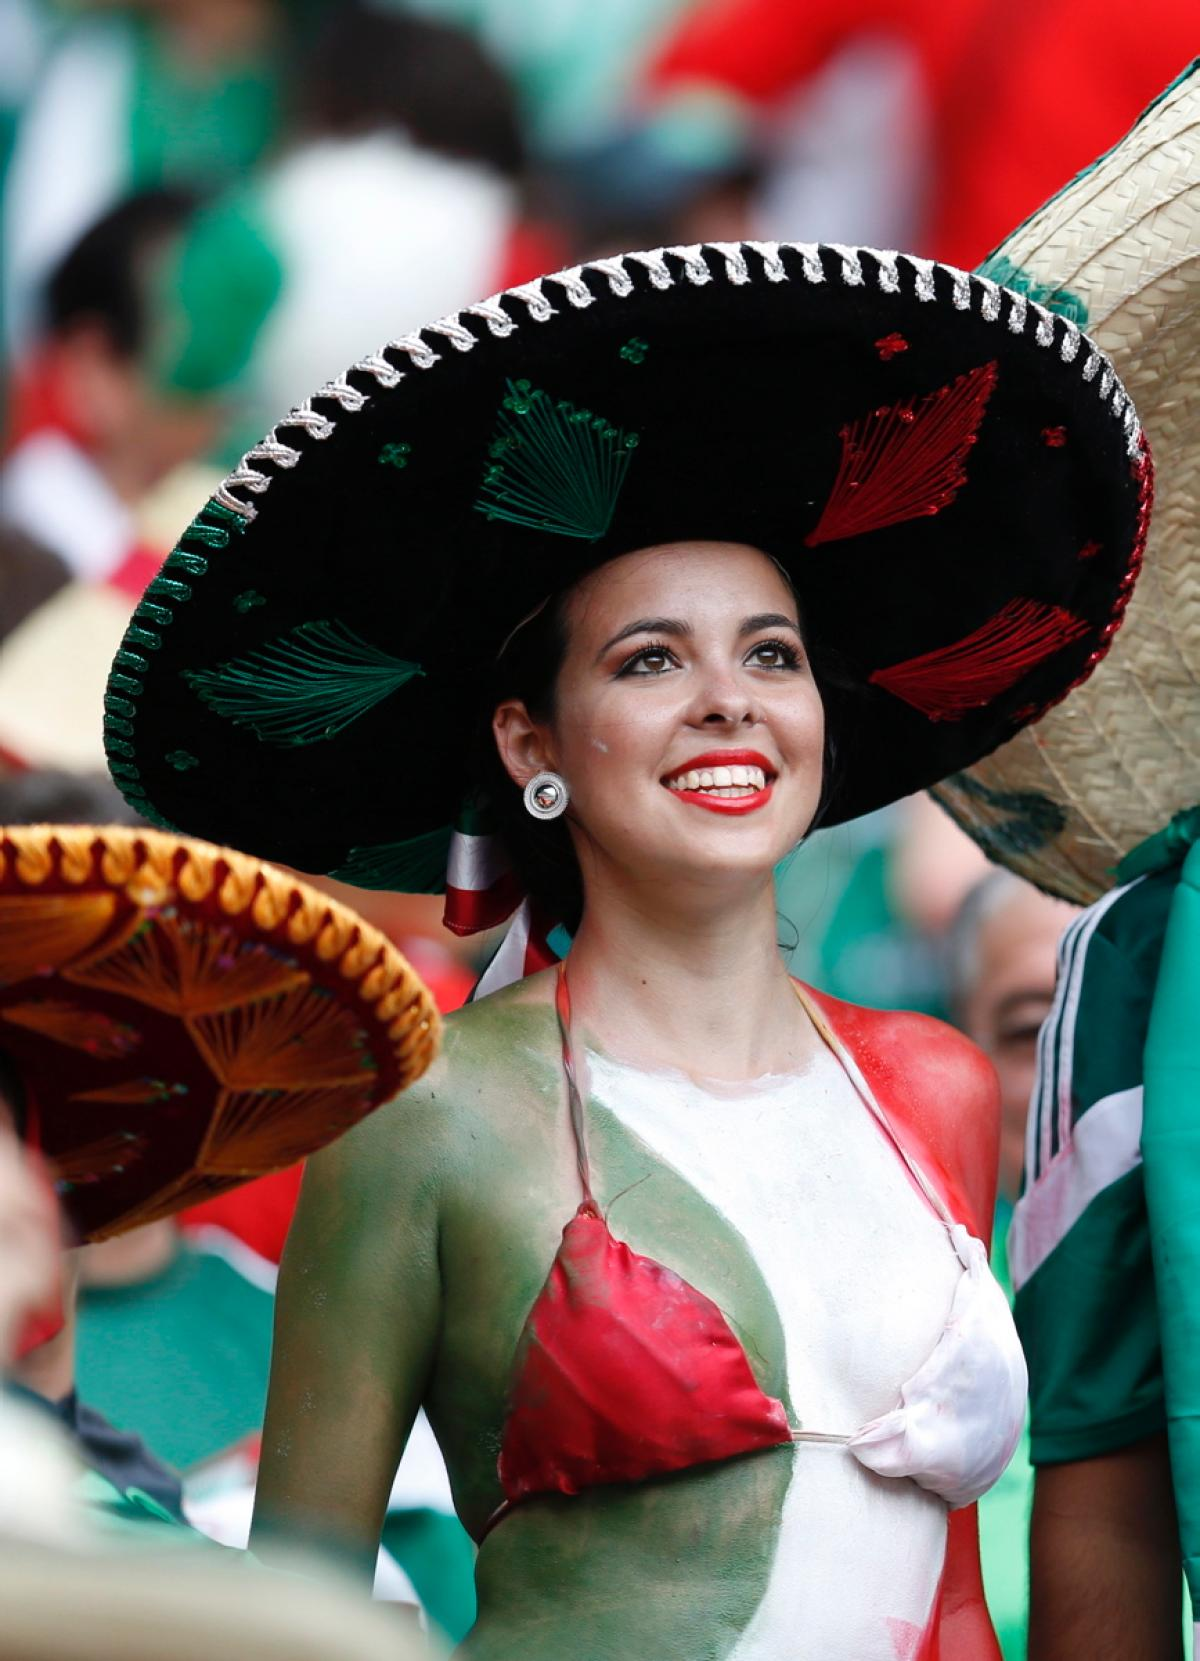 17 - Mexico